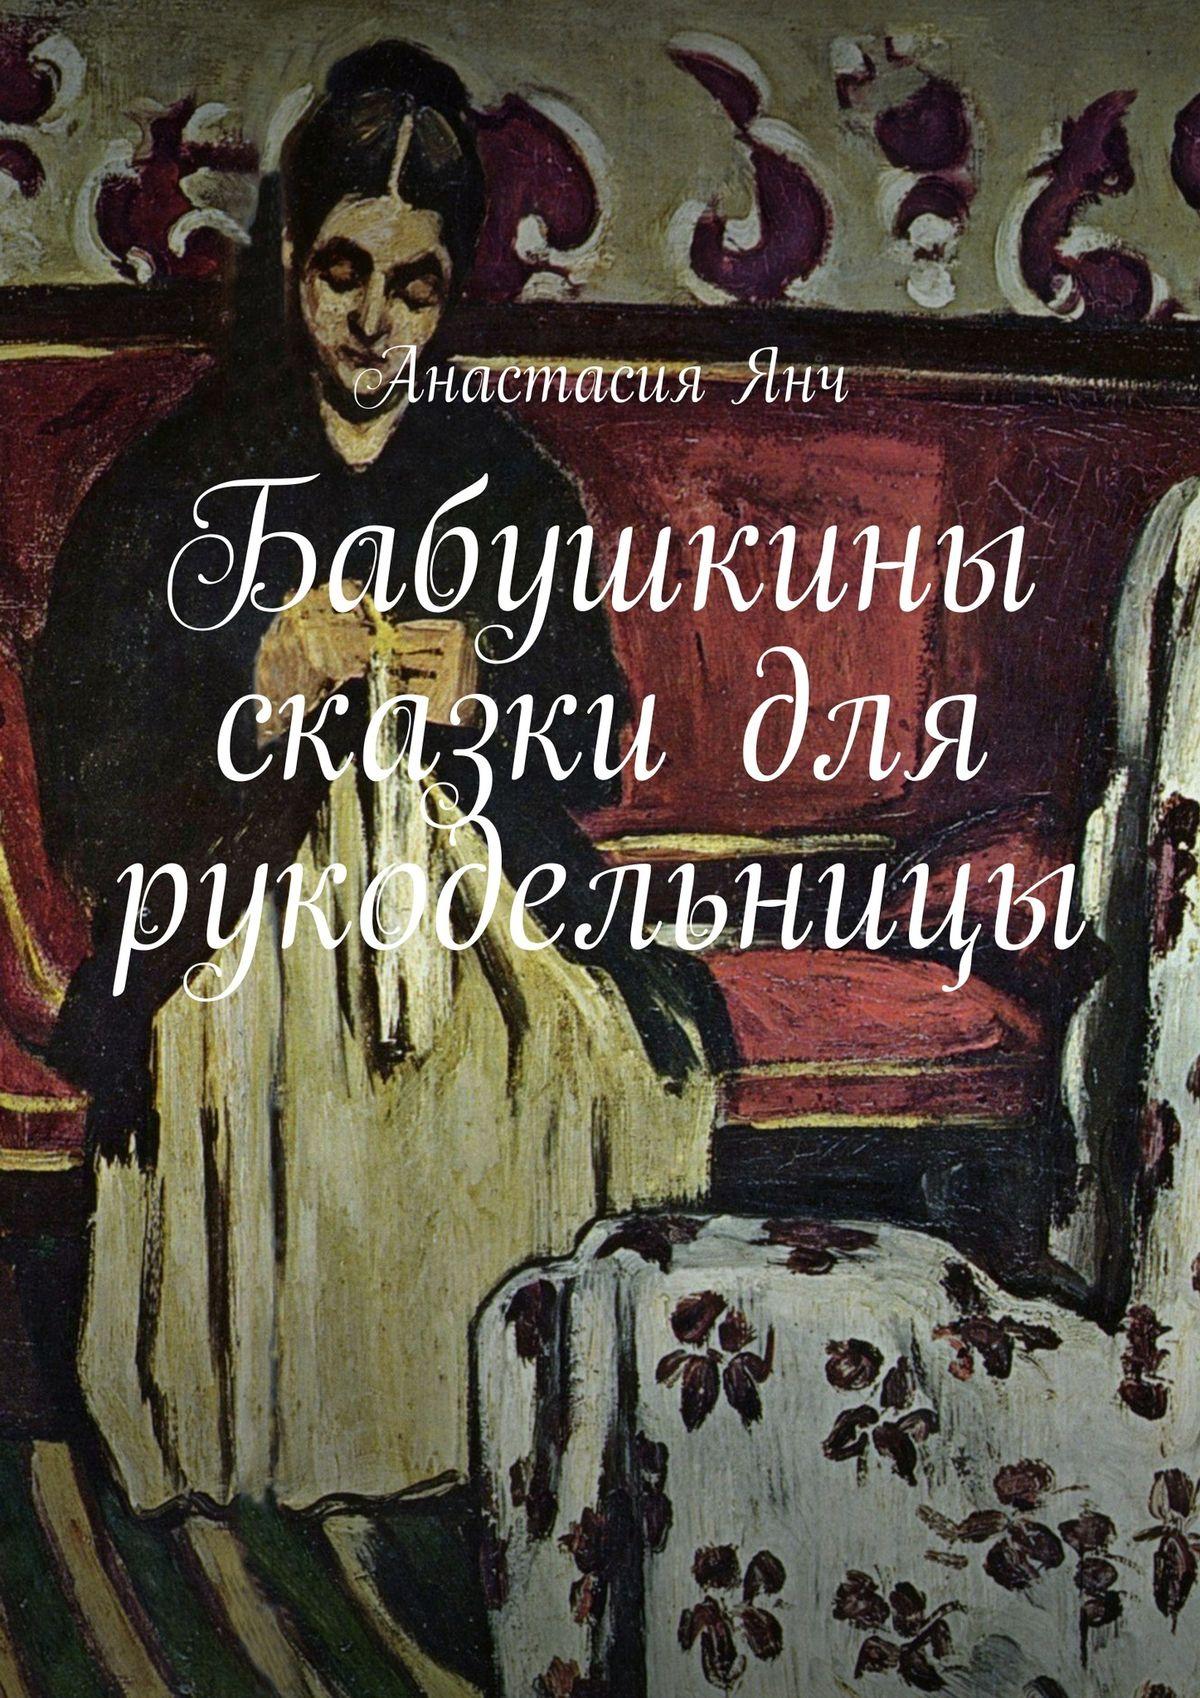 Анастасия Прановна Янч Бабушкины сказки для рукодельницы анастасия демишкевич совушкины сказки